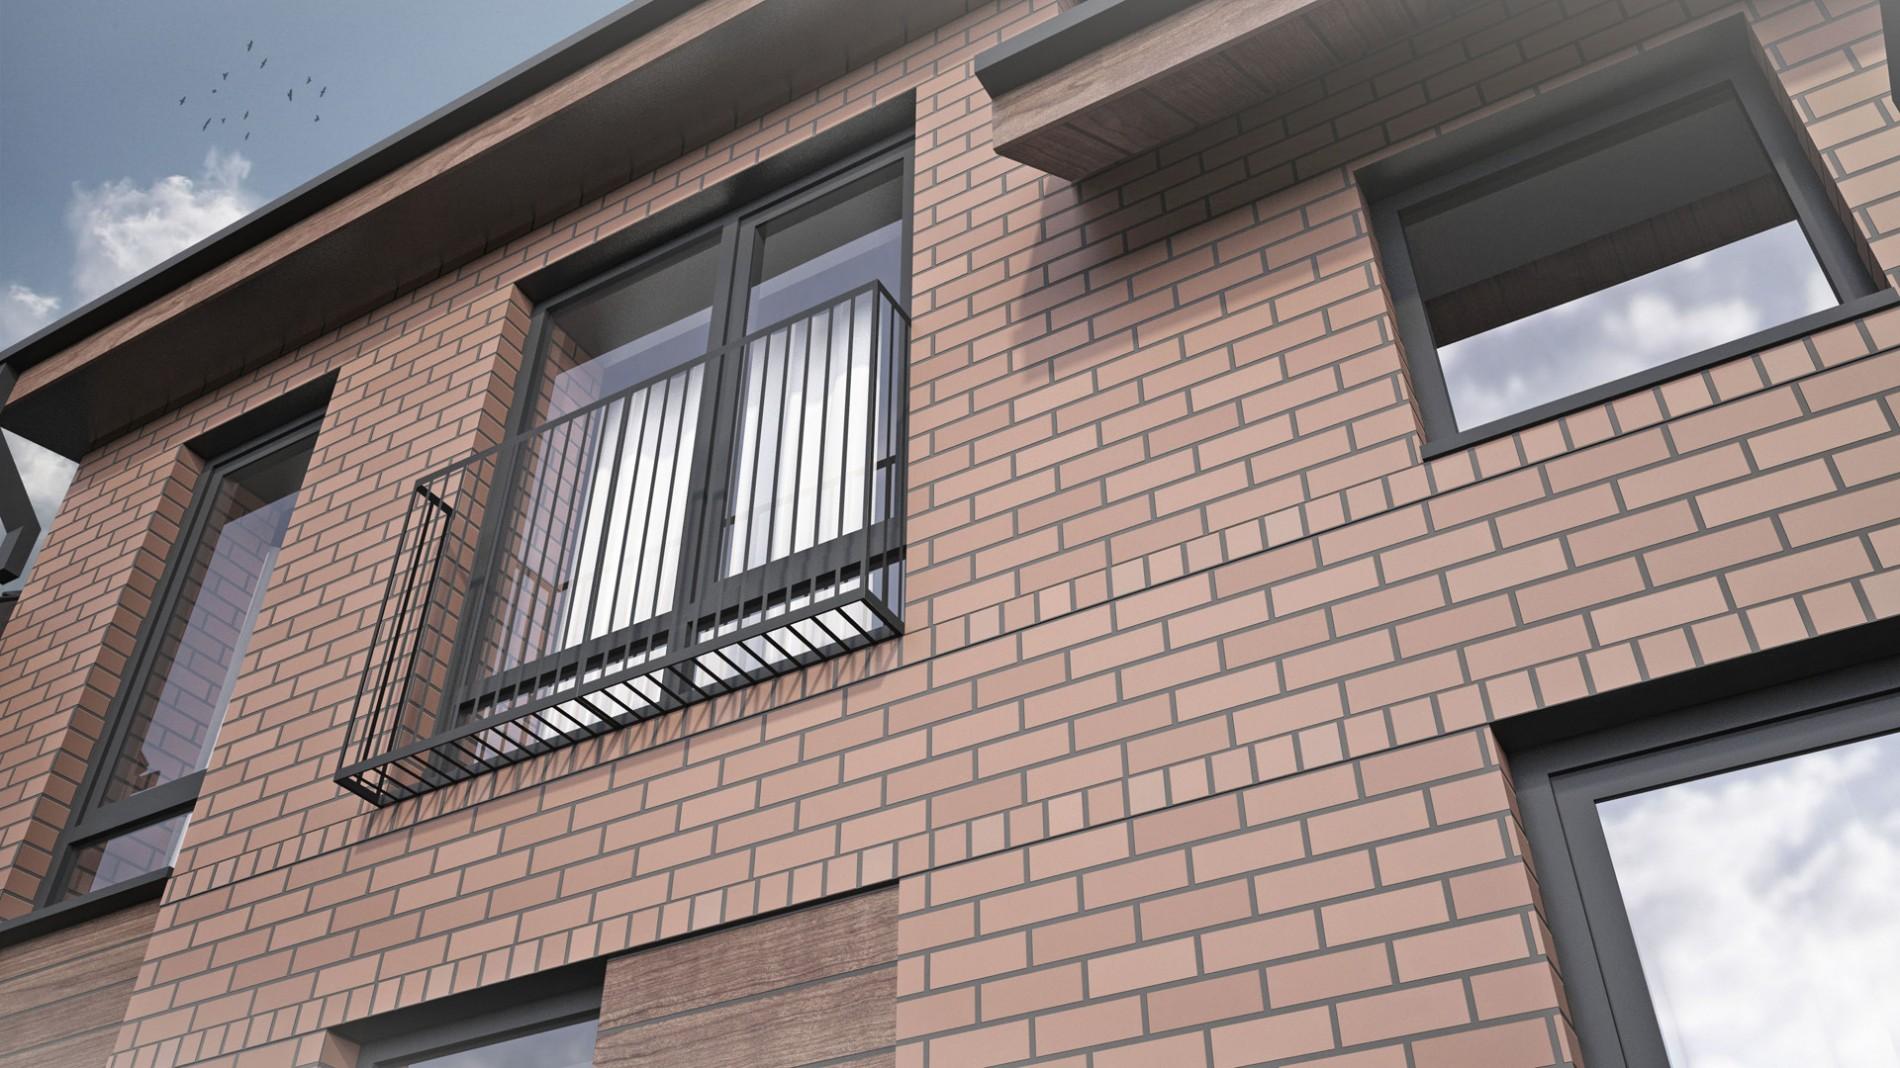 Частный дом на две семьи по ул. Губернский 4-й проезд в пос. Комарово